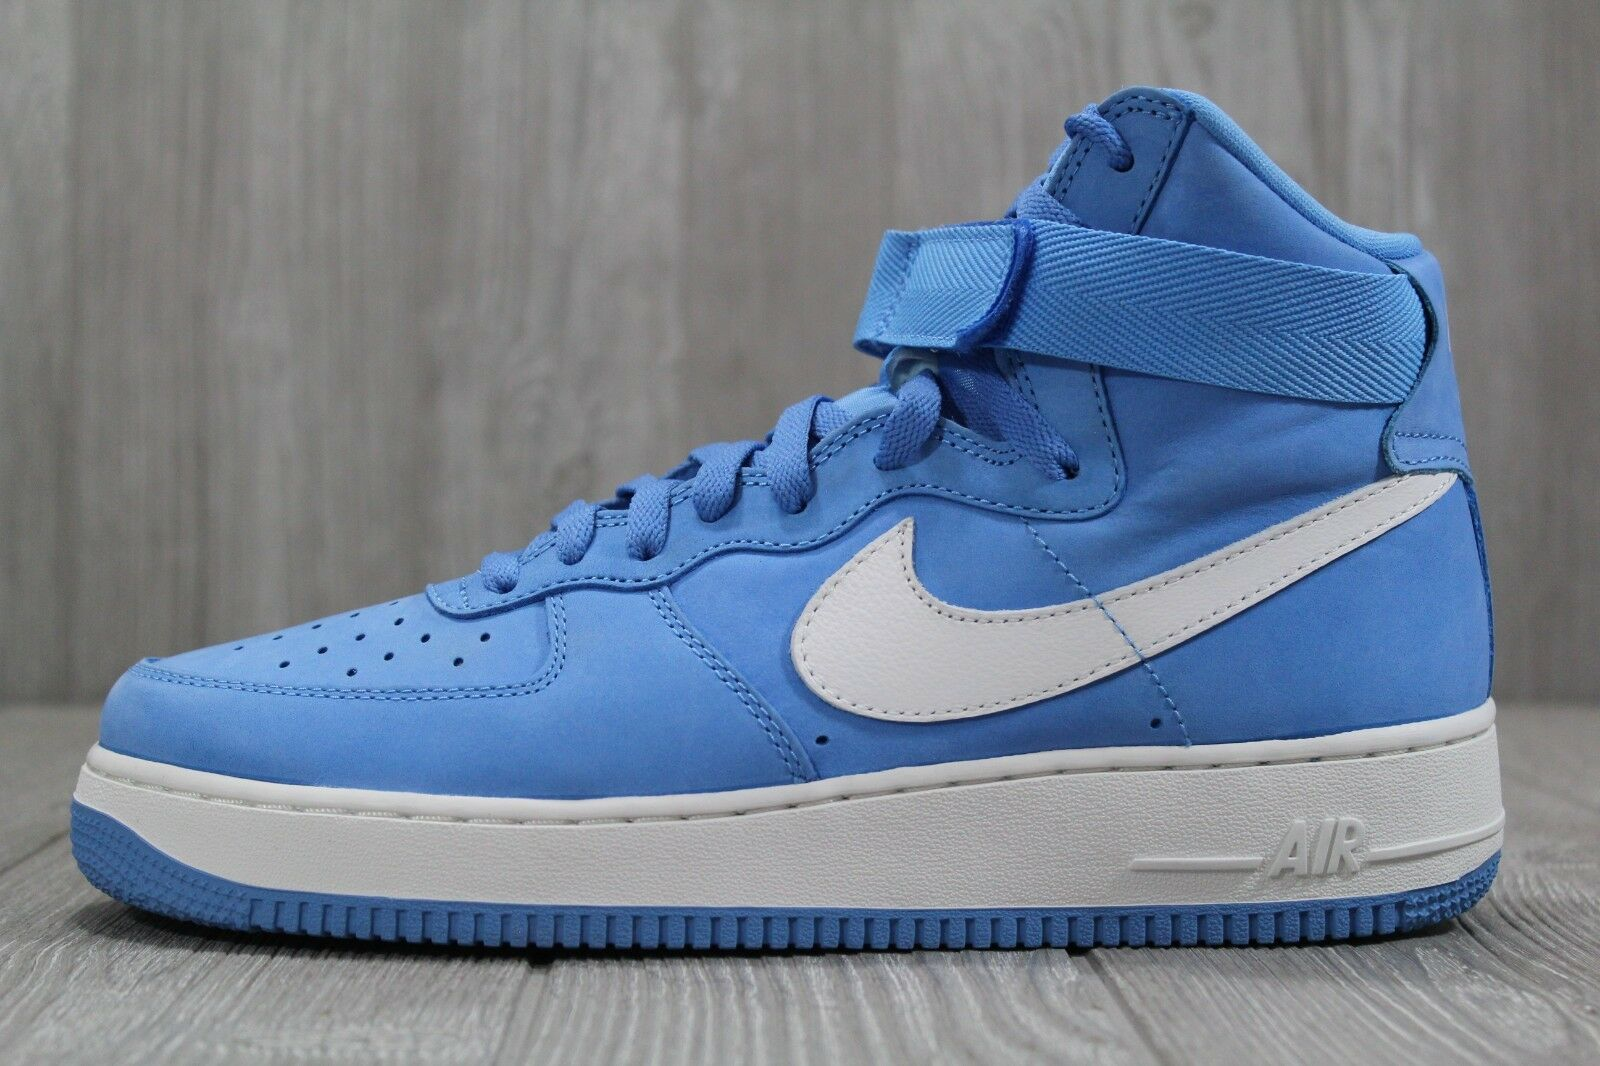 9275e7d6e8 36 Nike AF1 Air Force 1 Hi Retro QS University bluee Carolina shoes  743546-400